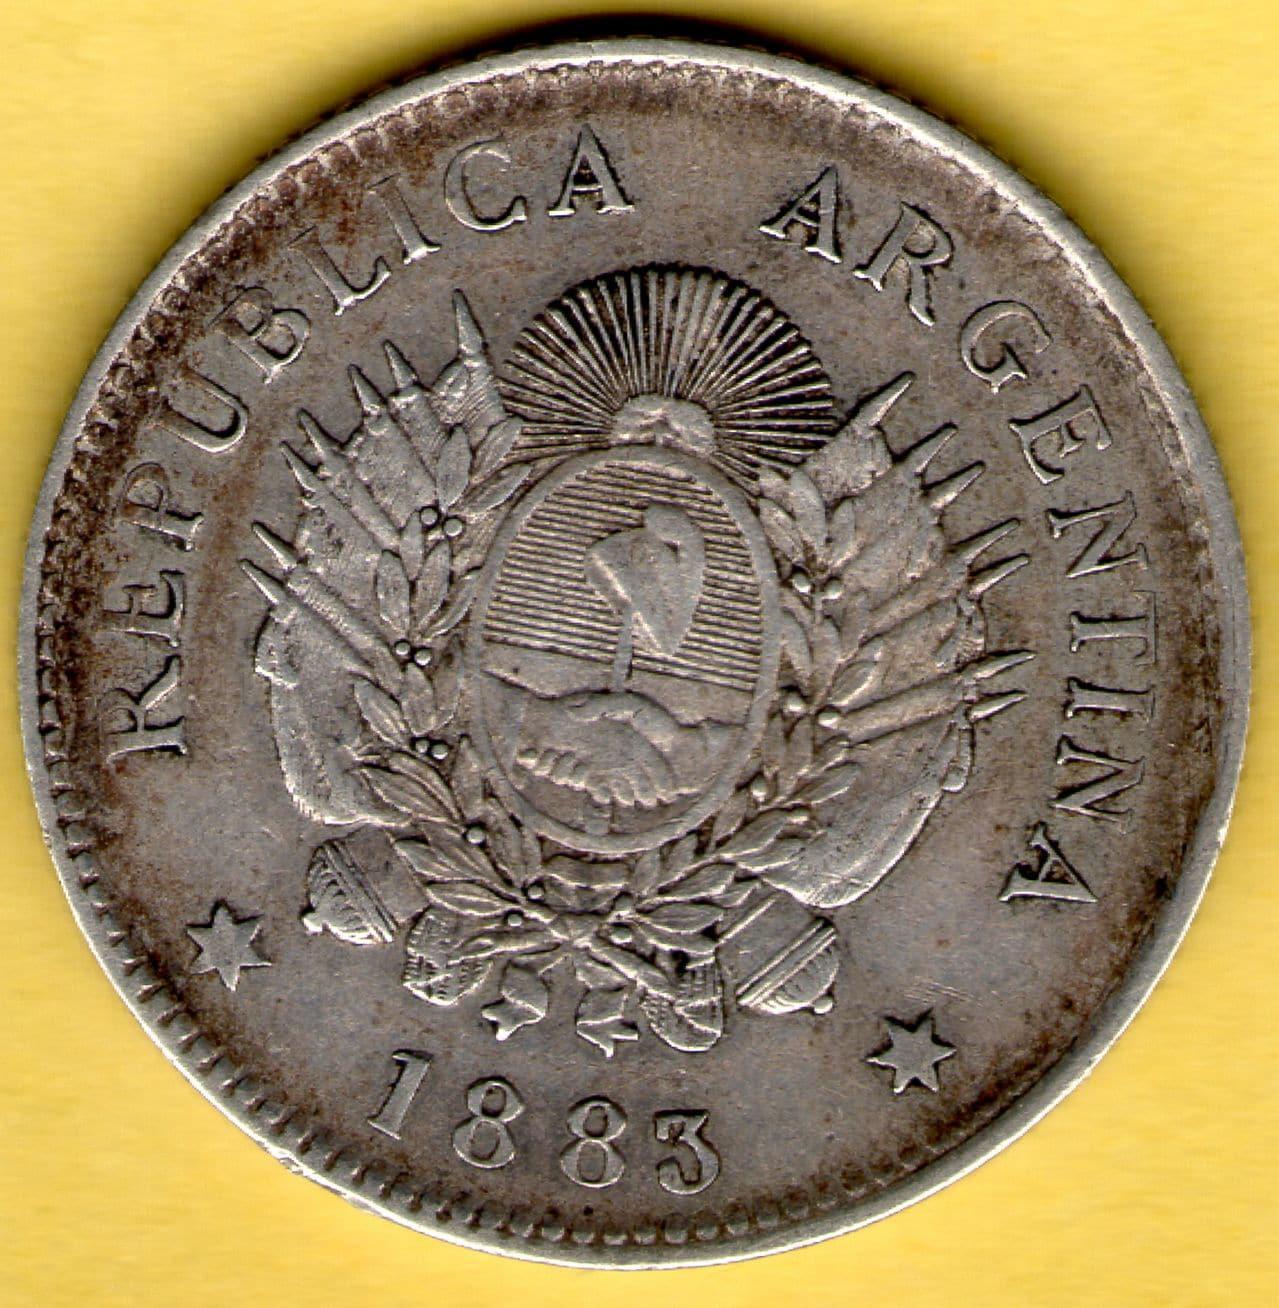 20 centavos de Patacón. Argentina. 1883. 20_Centavos_de_Patacon_rev